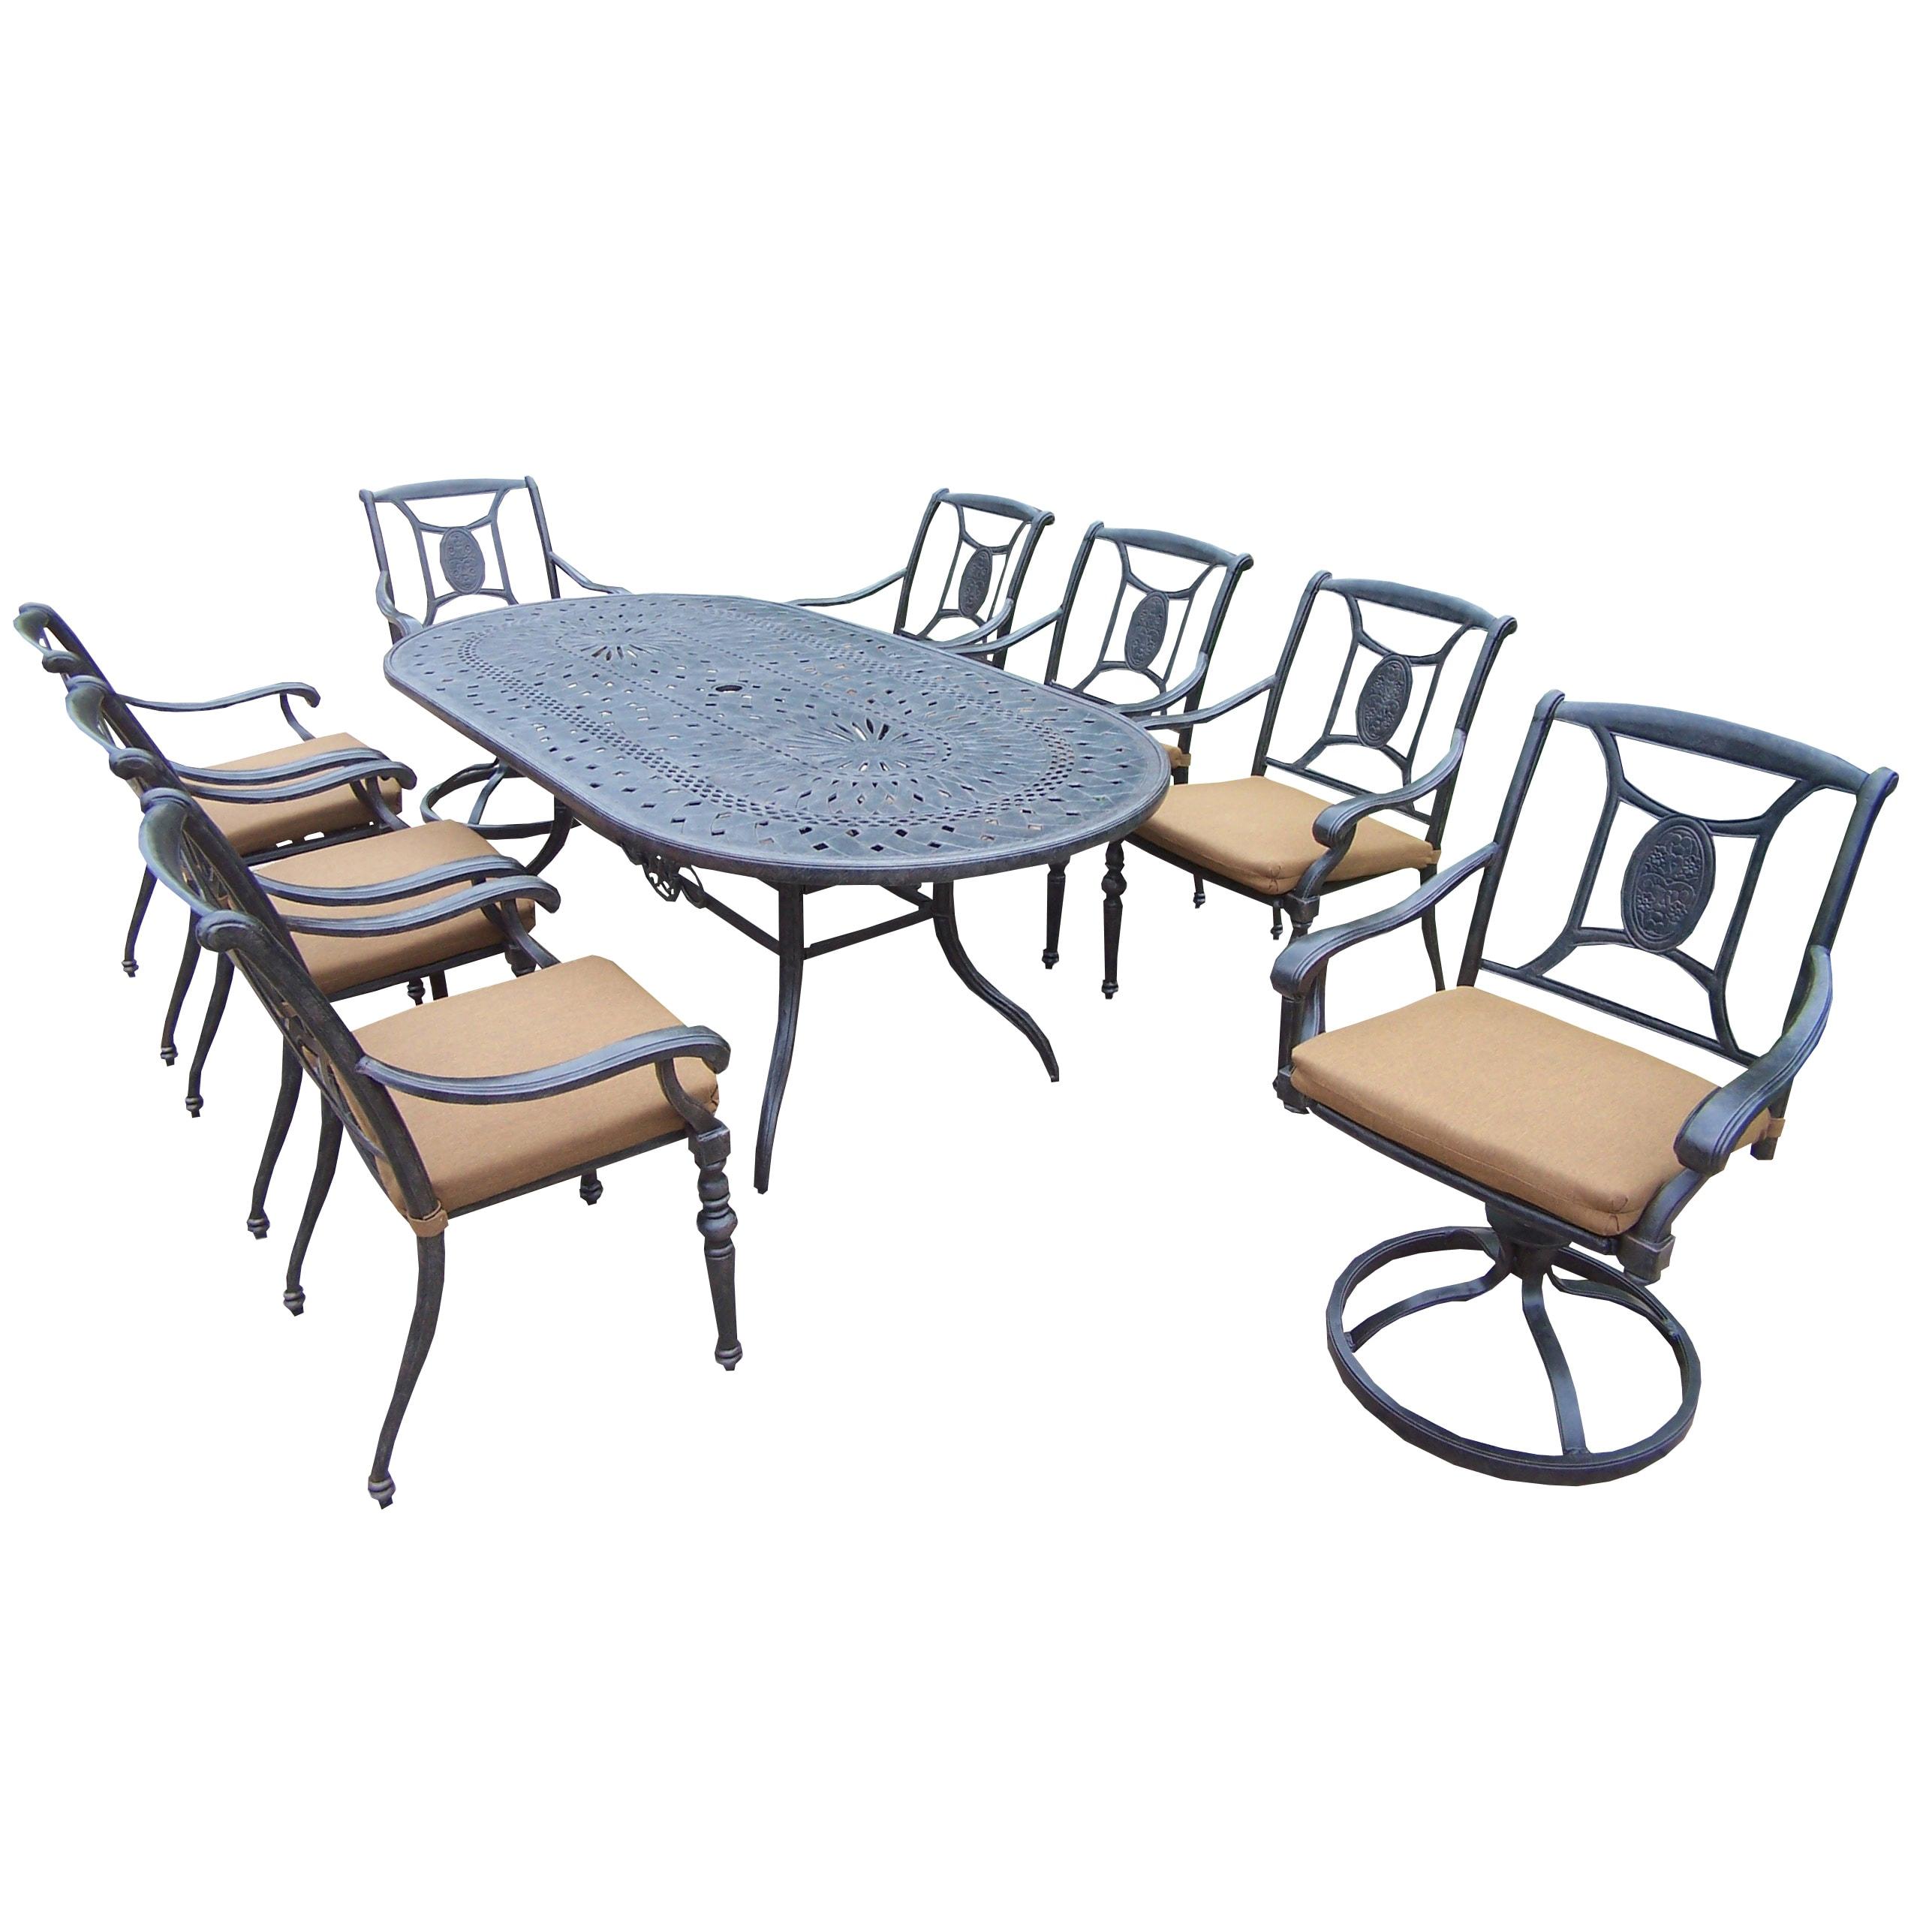 Oakland Corporation Sunbrella Aluminum 9-piece Dining Set...